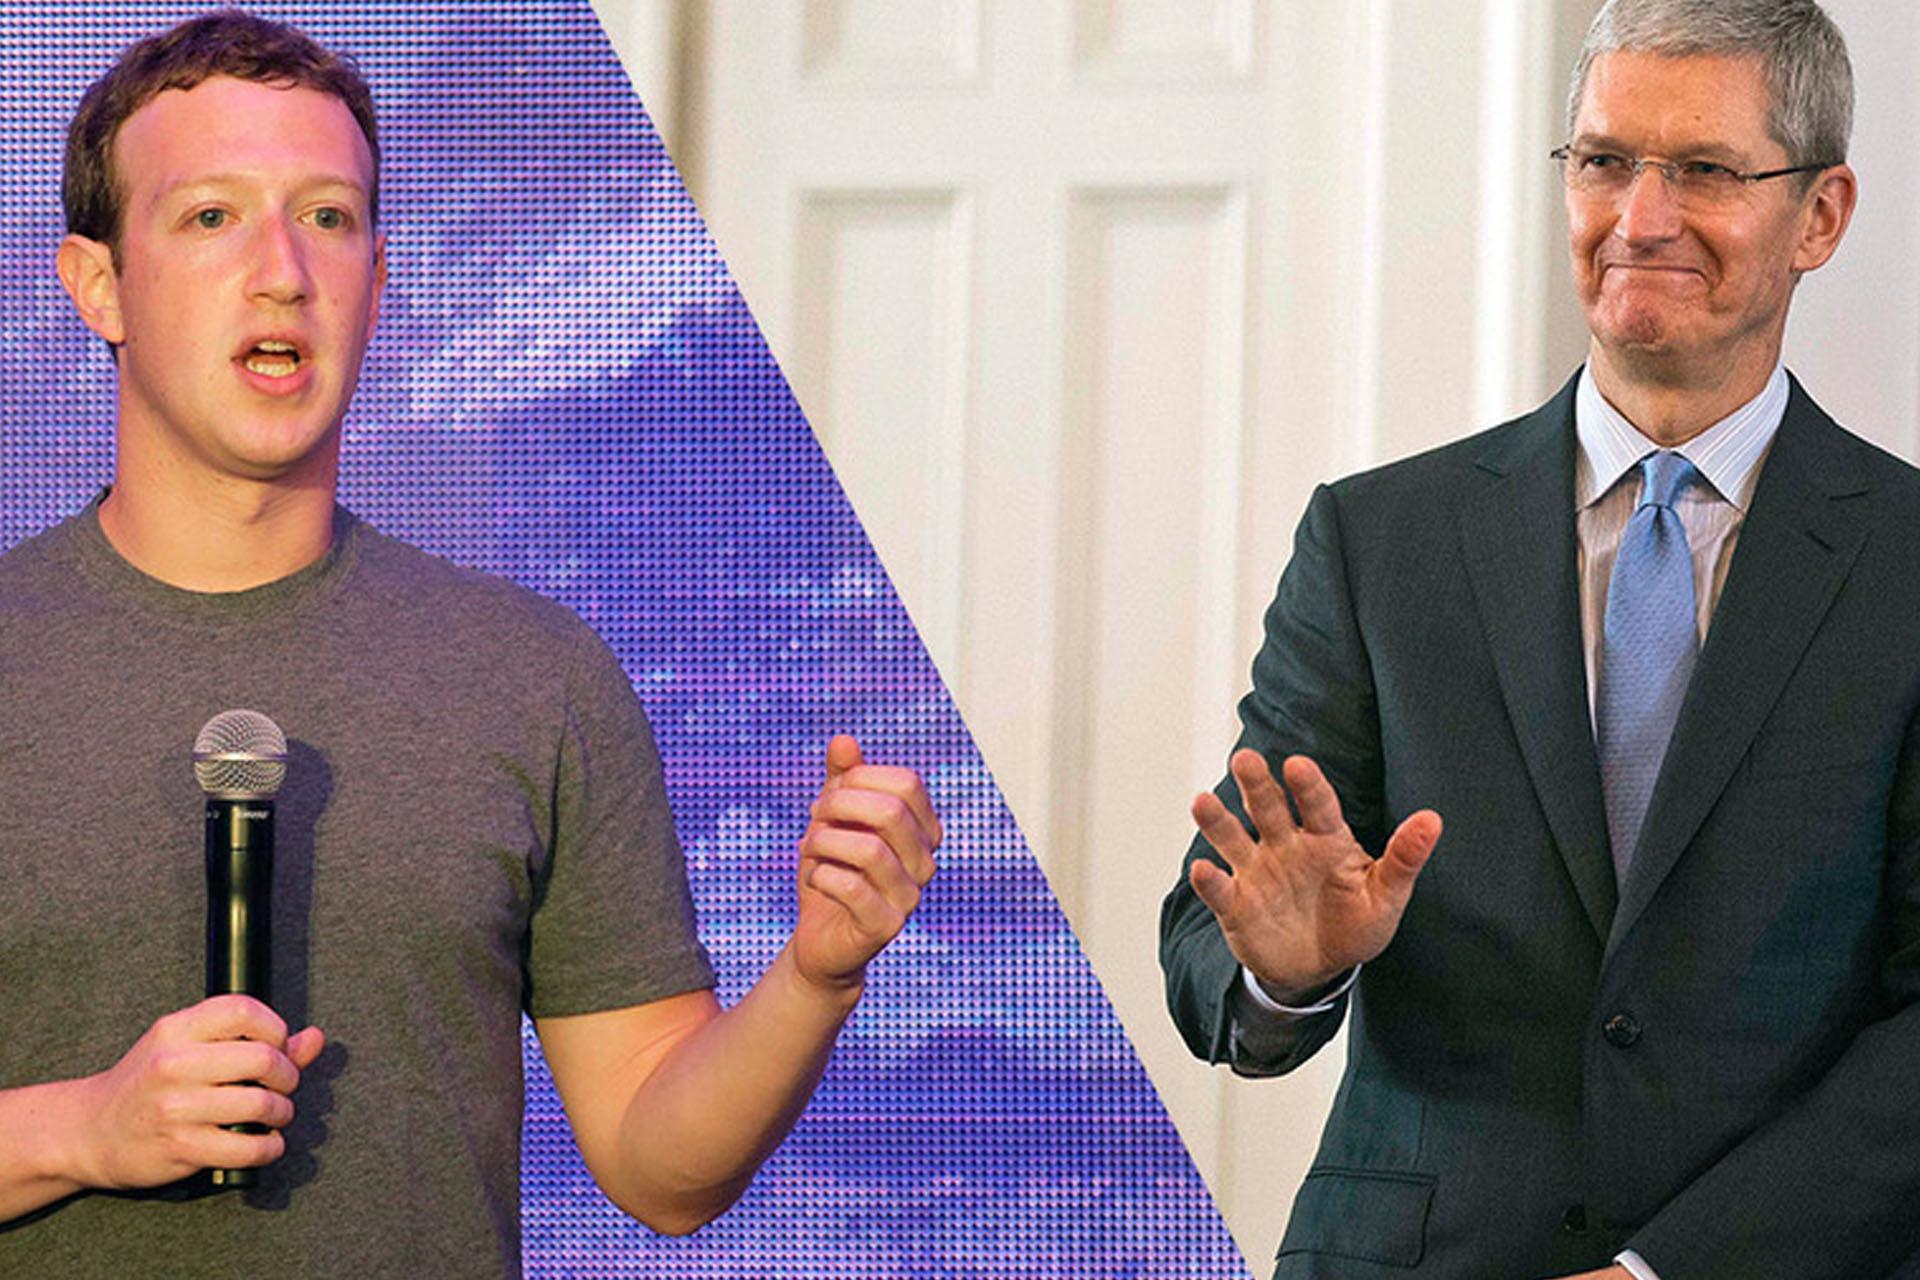 Zuckerberg vs Cook / Facebook vs Apple